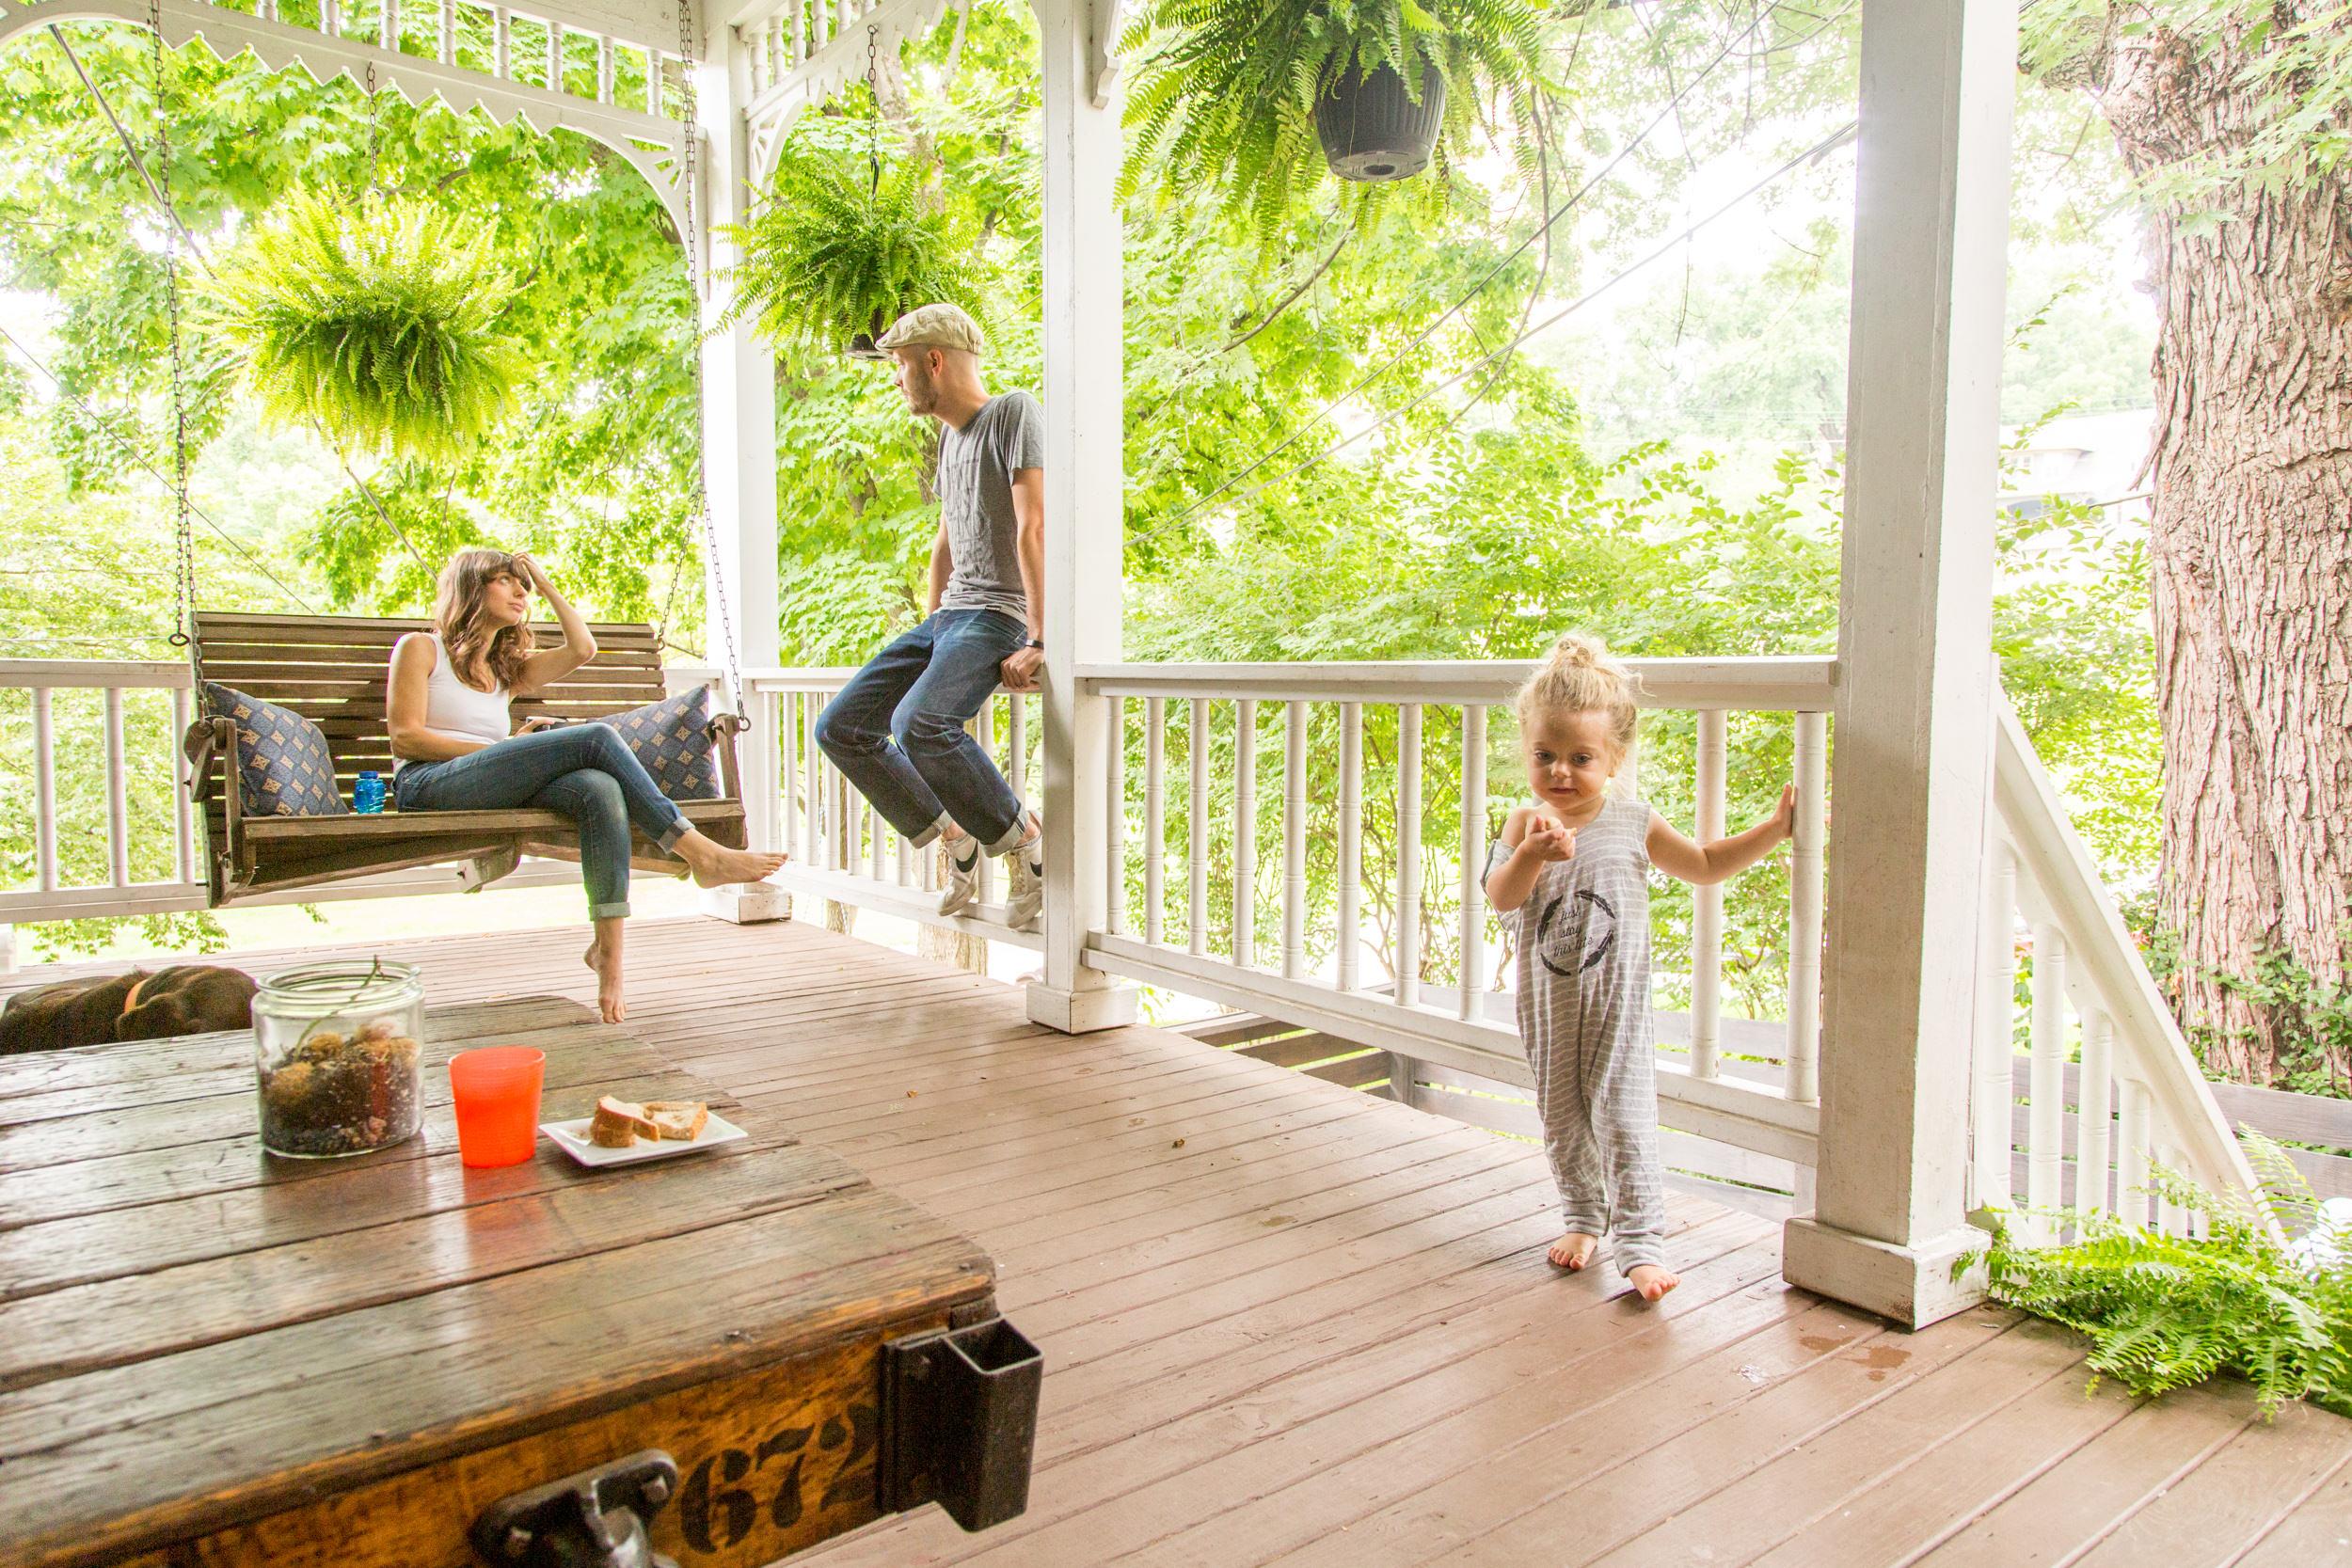 TheSmythCollective-Best-Cincinnati-Family-Photographer-001.jpg